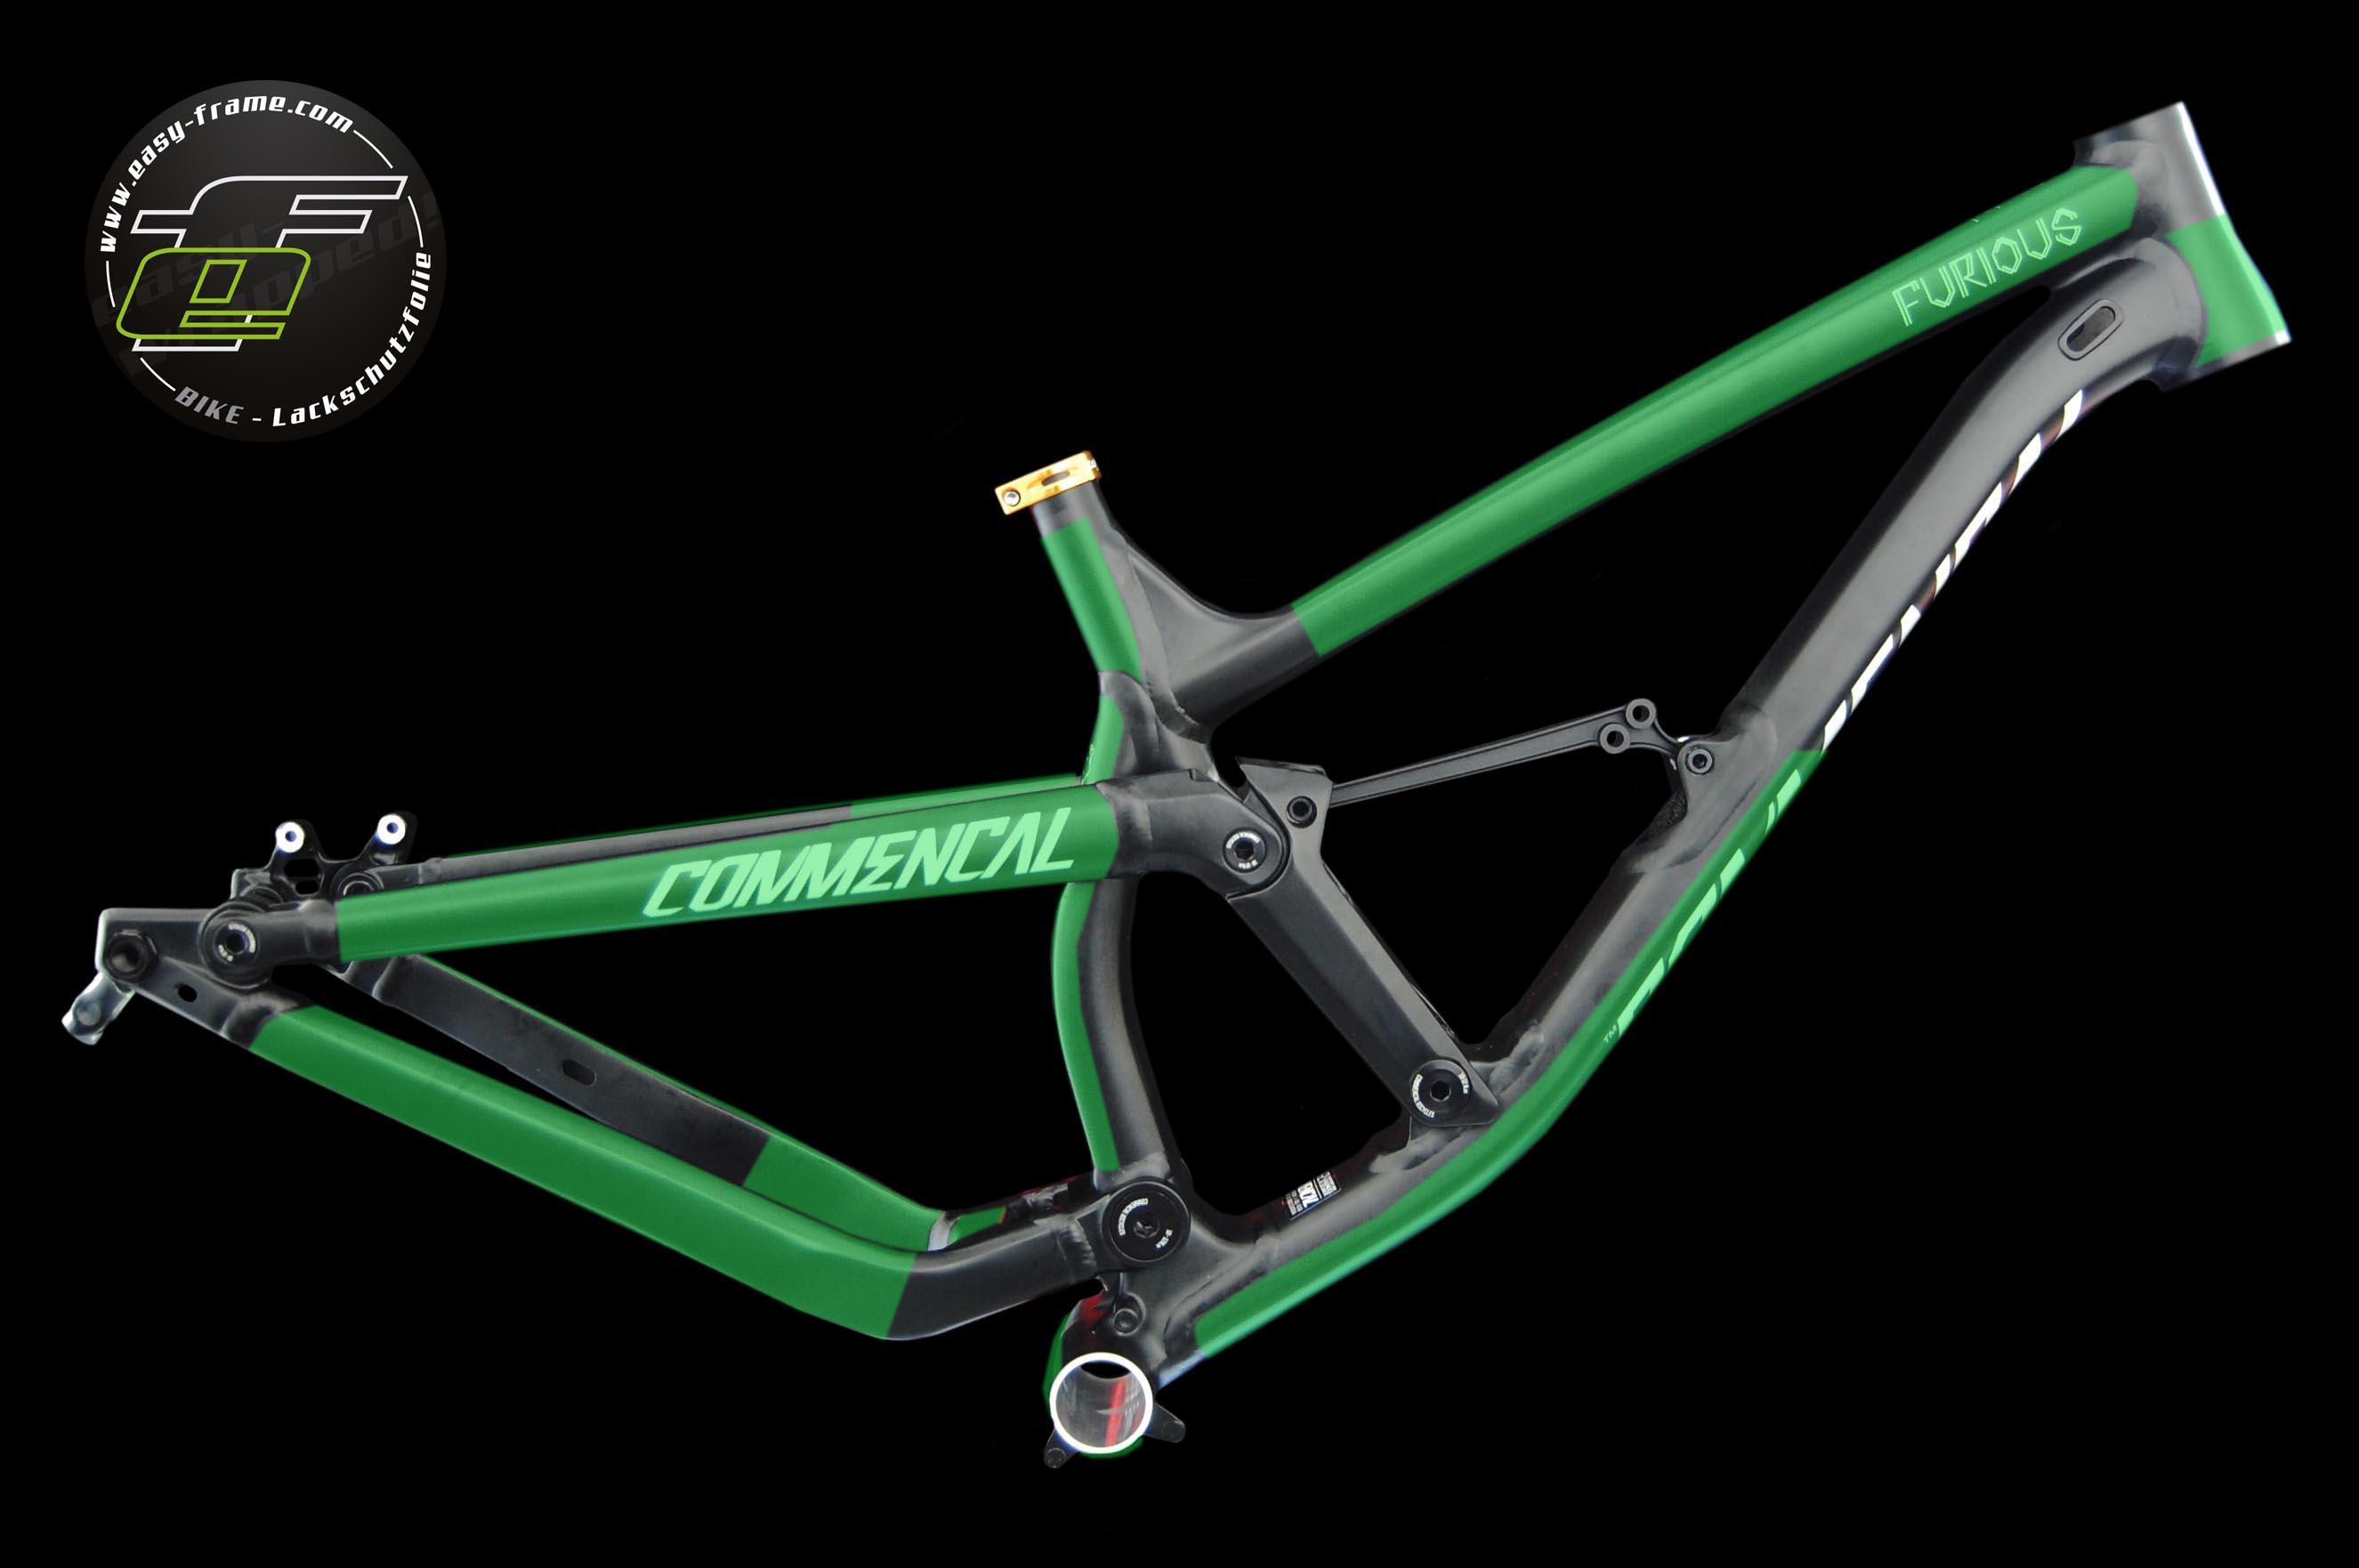 Commencal – easy-frame.com | bike-lackschutzfolie